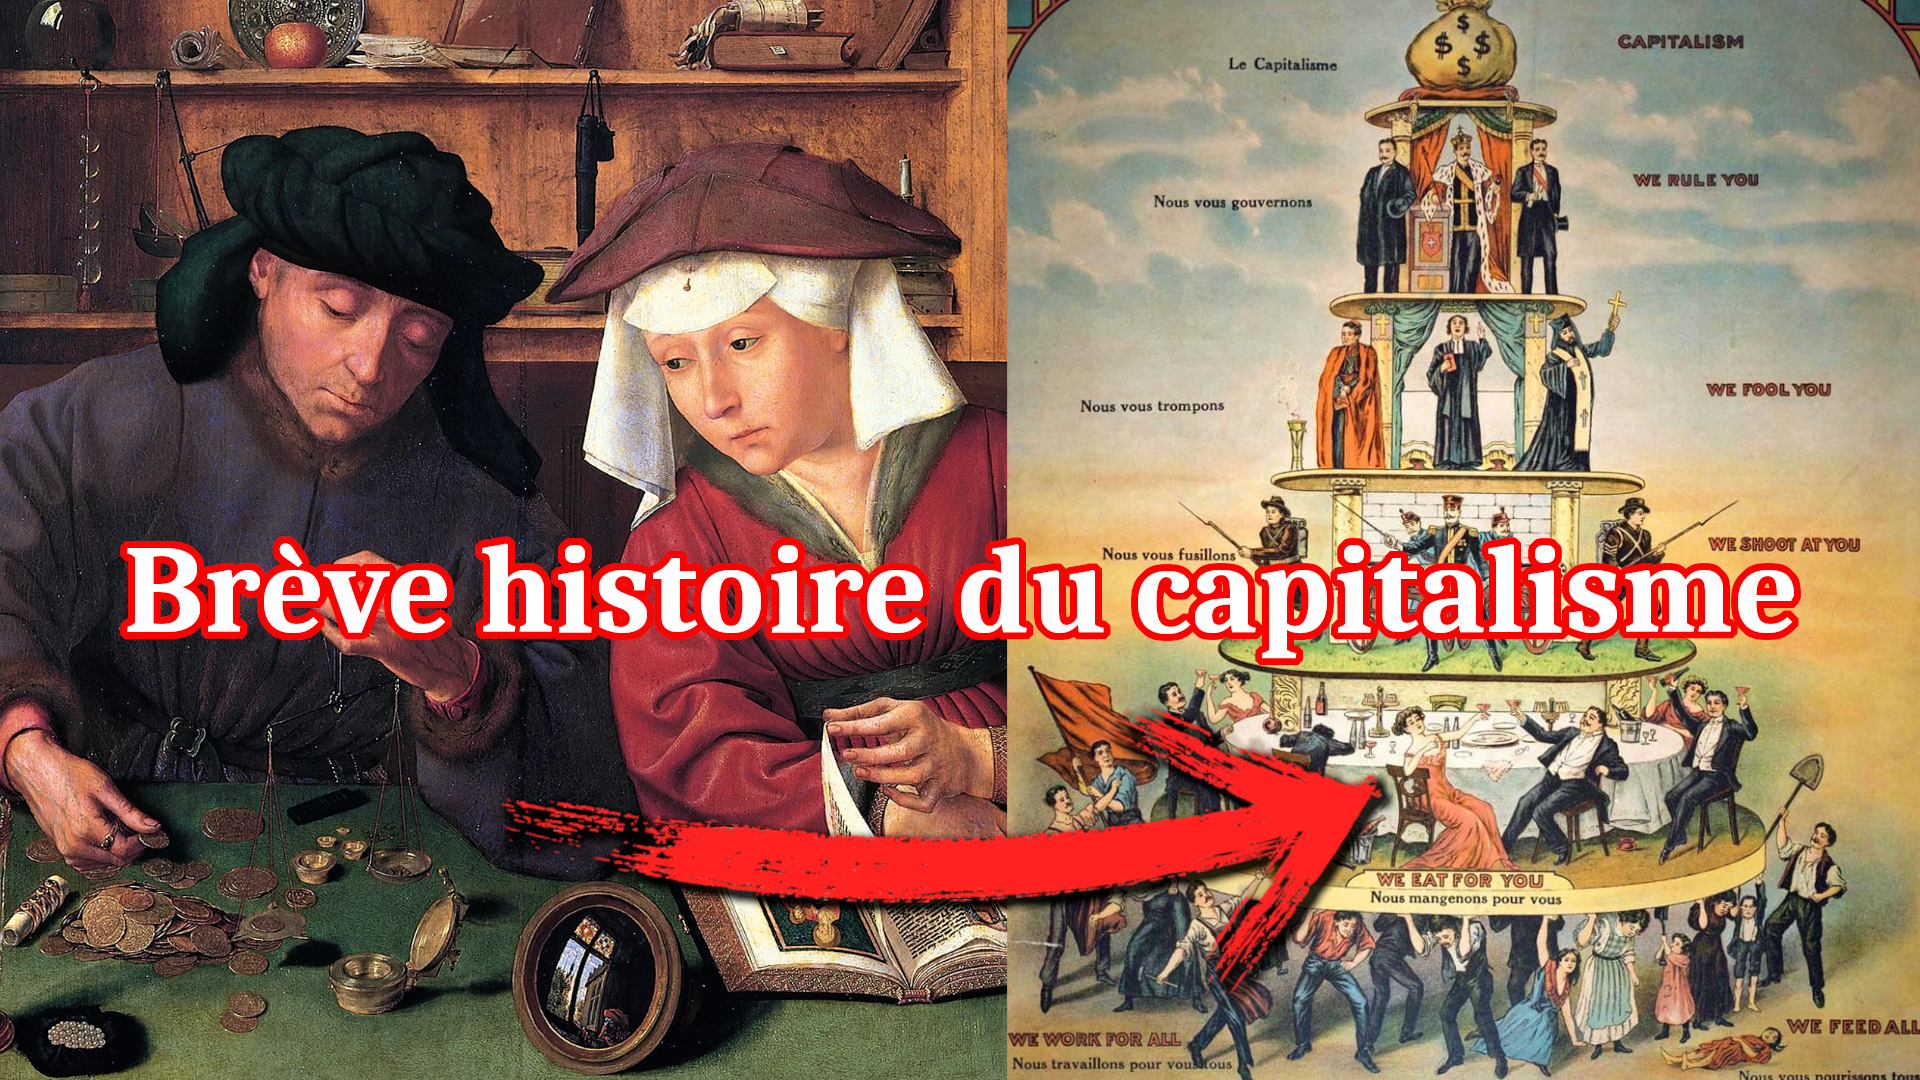 Brève histoire du capitalisme